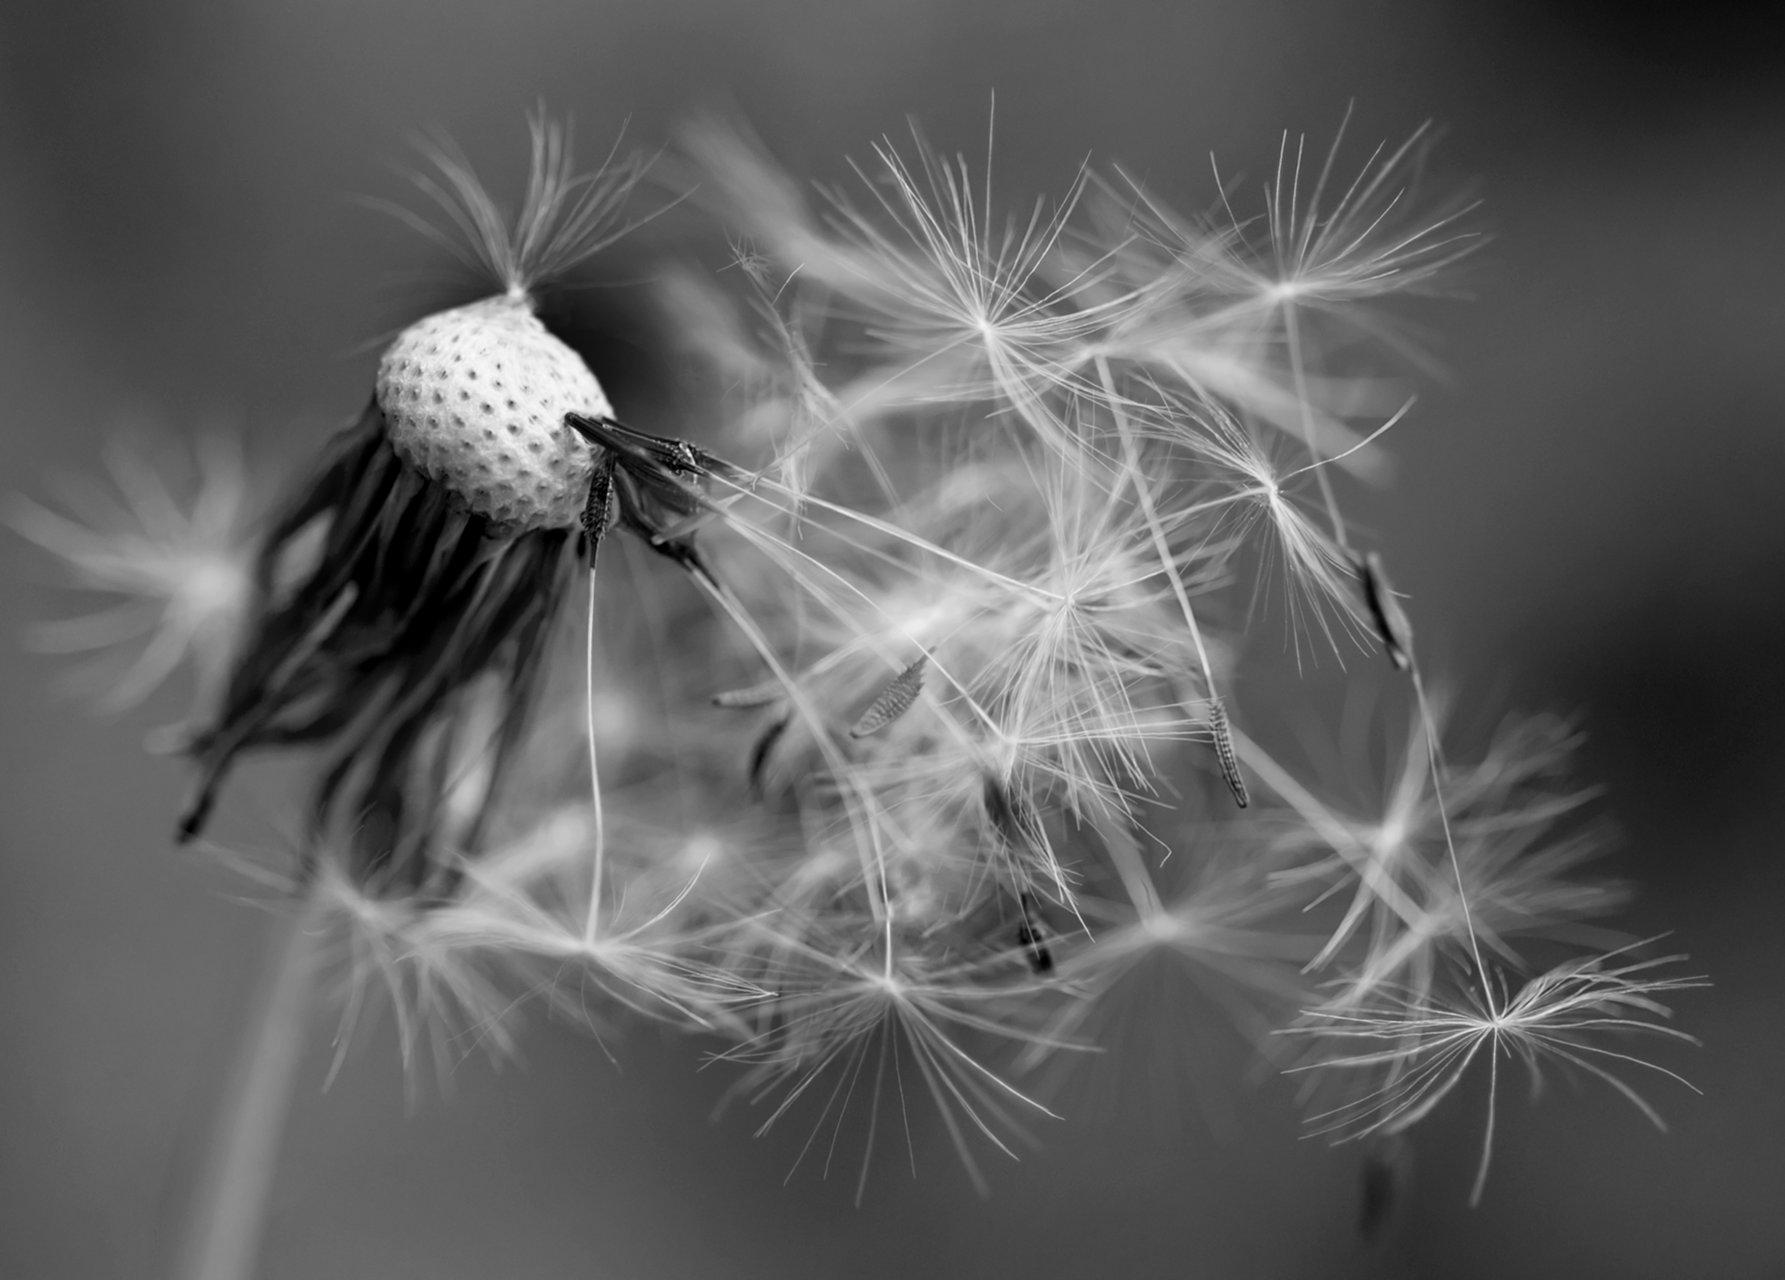 Обичащите вятъра | Author Temi Maramska - Nezabravka | PHOTO FORUM